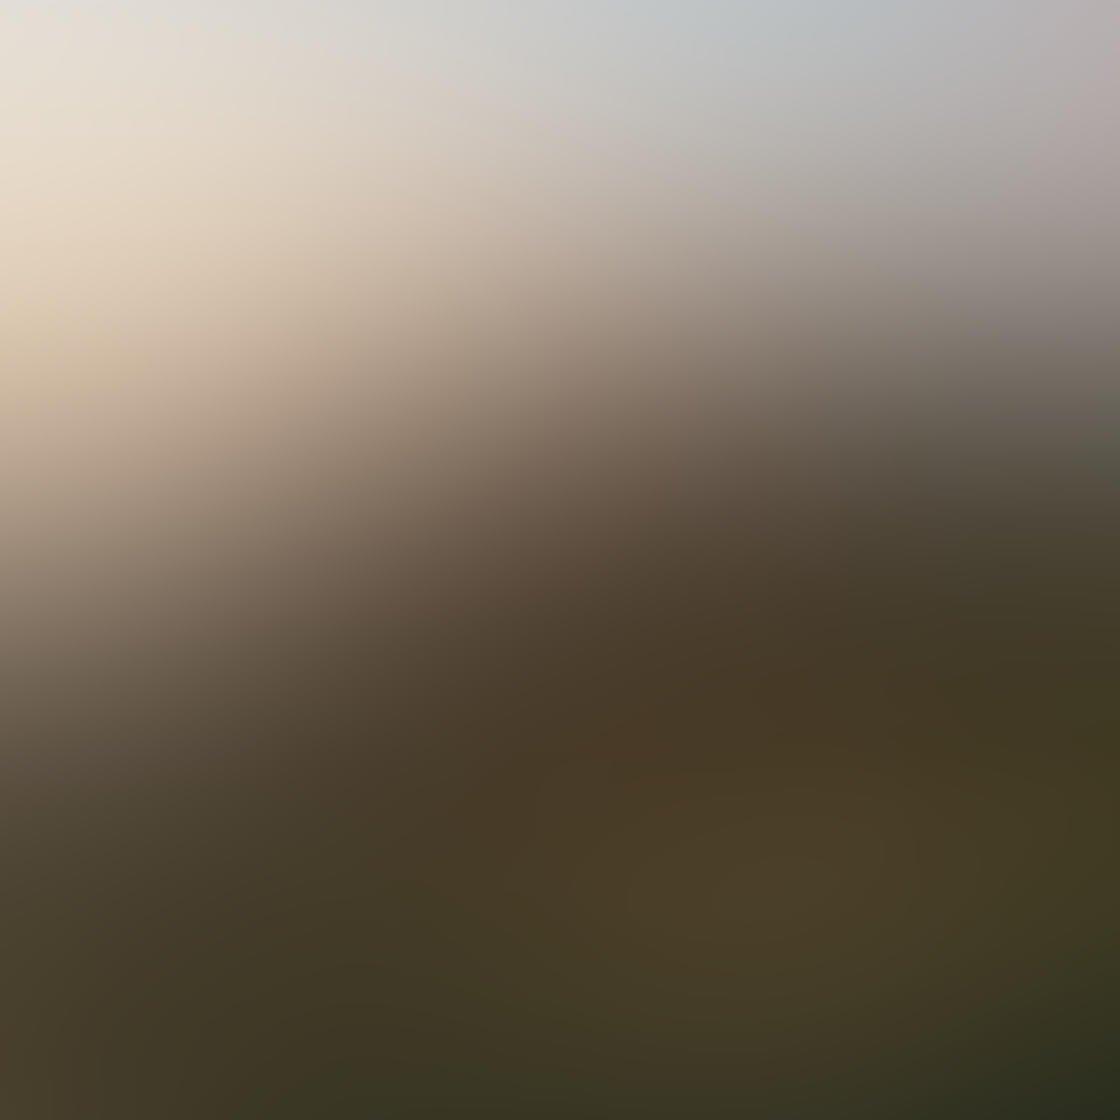 Landscape iPhone Photo Composition 26